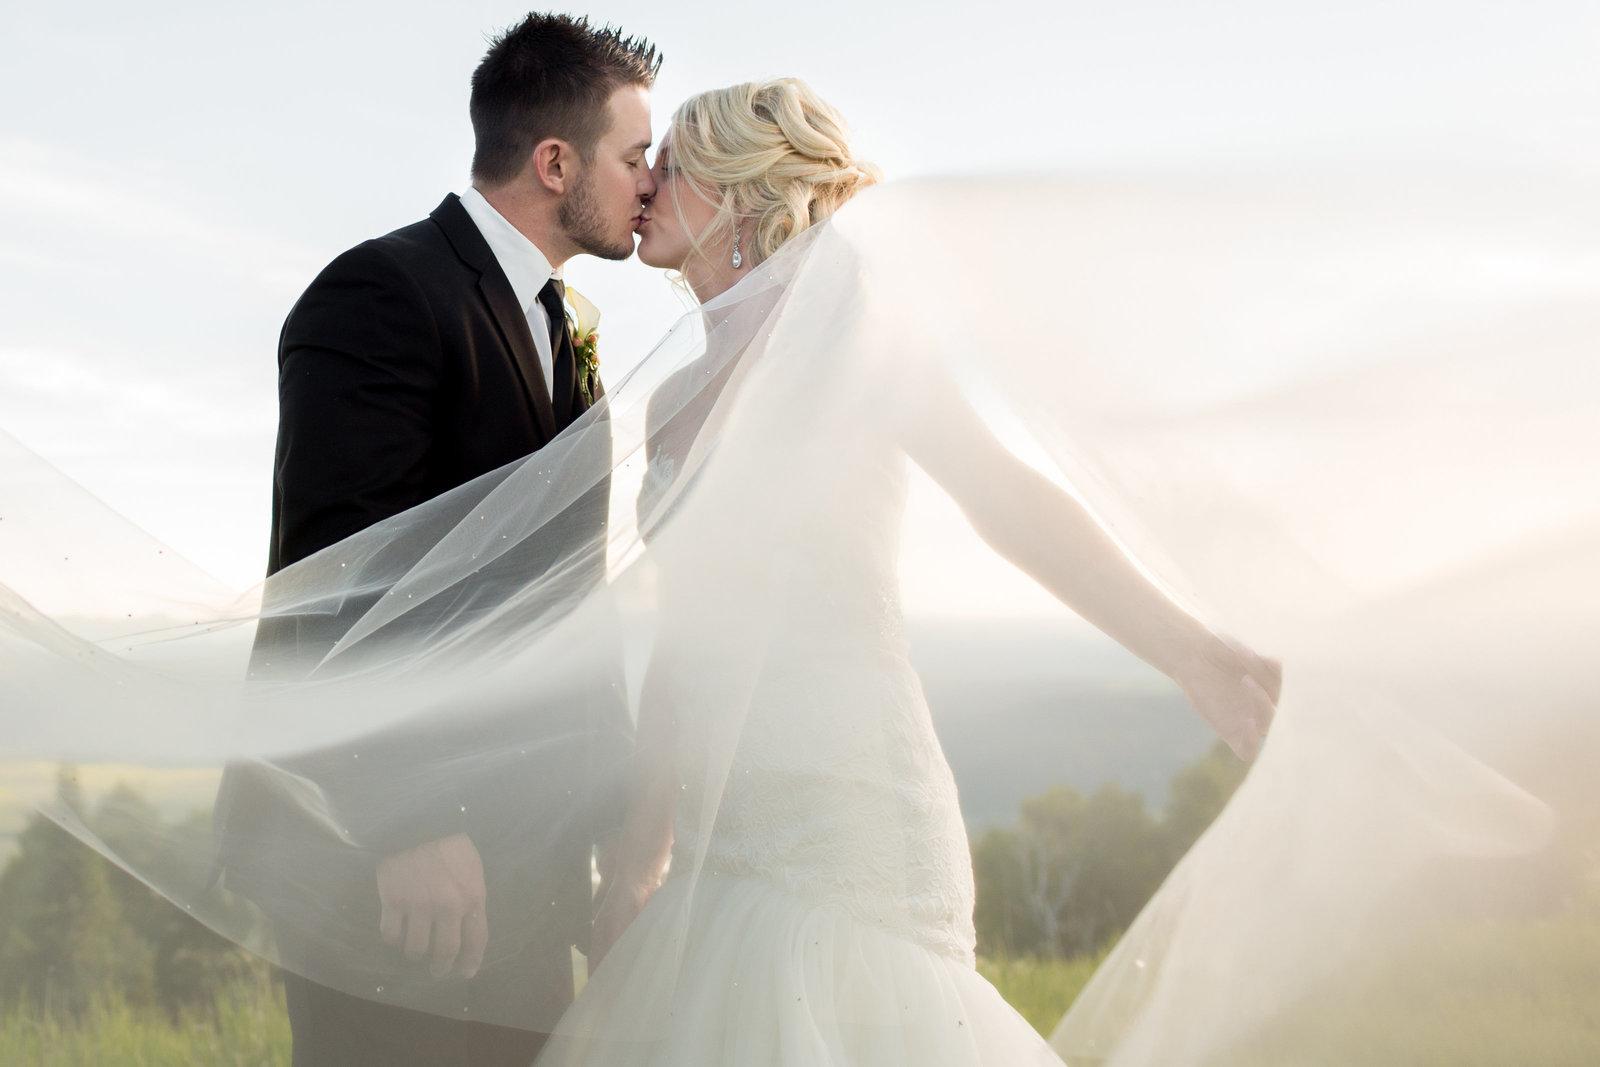 Gh5 For Wedding Photography: Estes Park And Breckenridge Colorado Wedding Photography